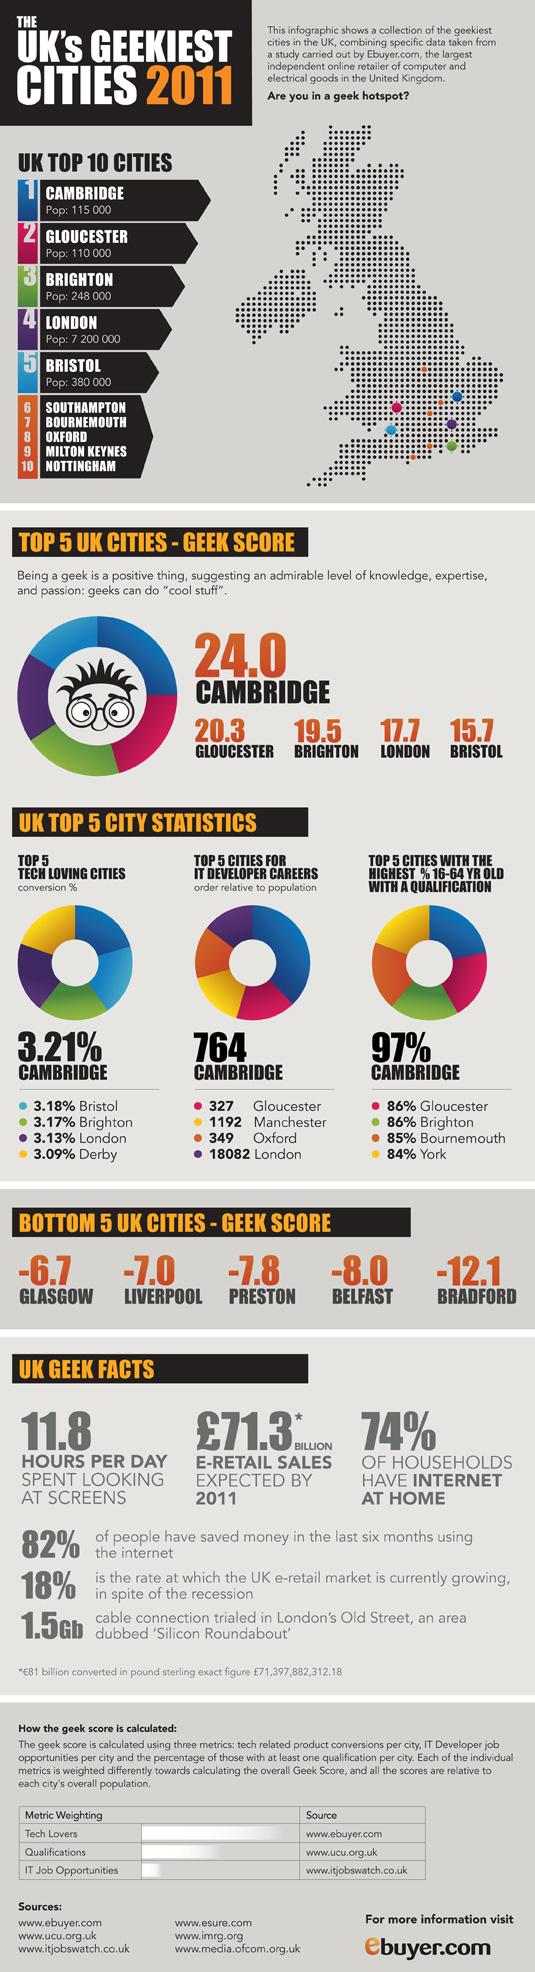 UKs Geekiest City